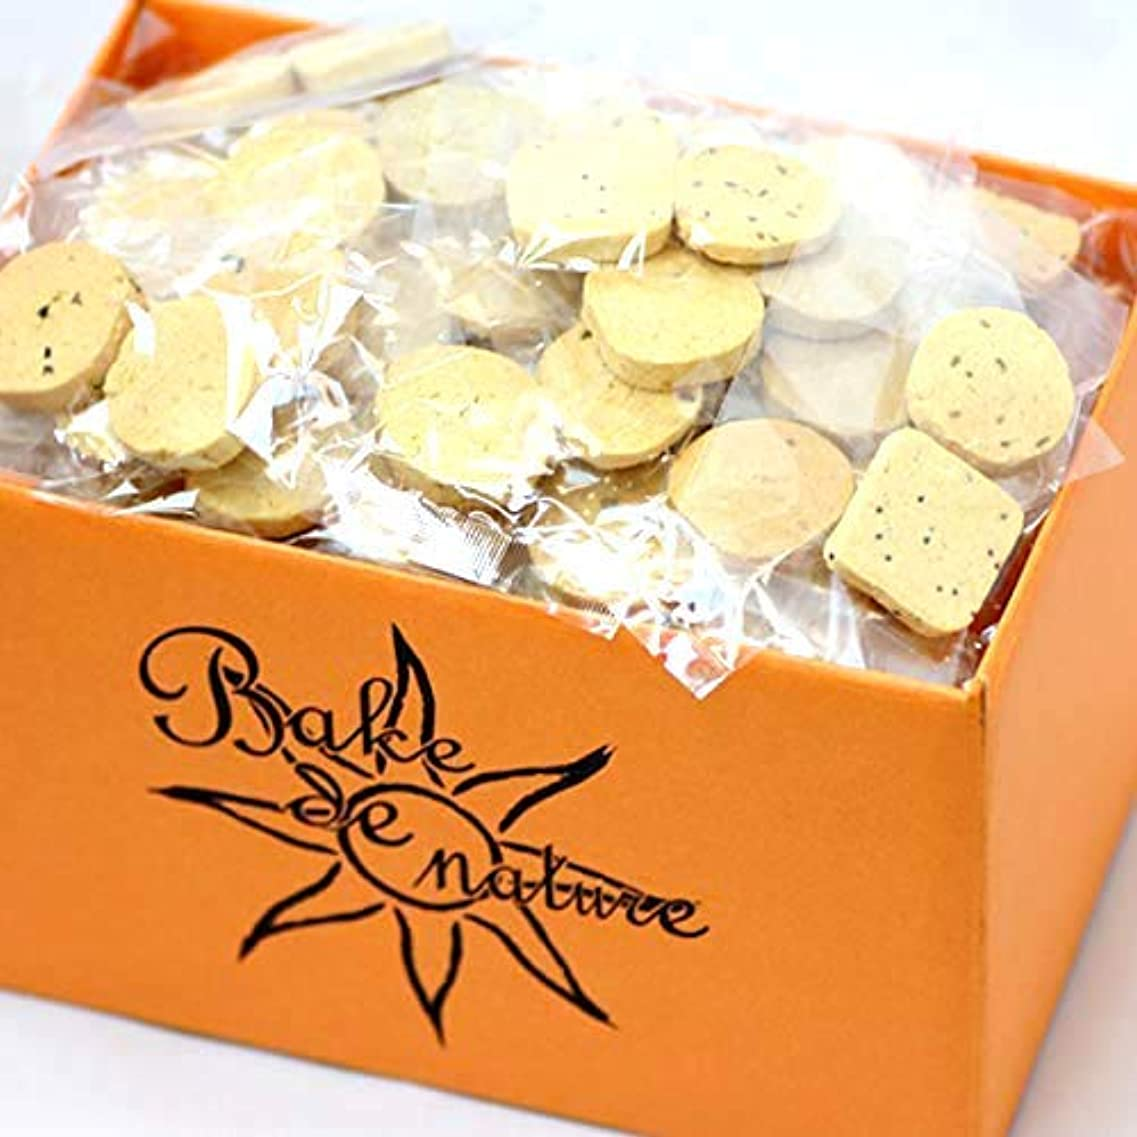 環境に優しいすべてベッツィトロットウッドスーパーフード豆乳おからクッキー (10種類MIX) 1袋 1kg (個包装) 小麦粉不使用のダイエットクッキー